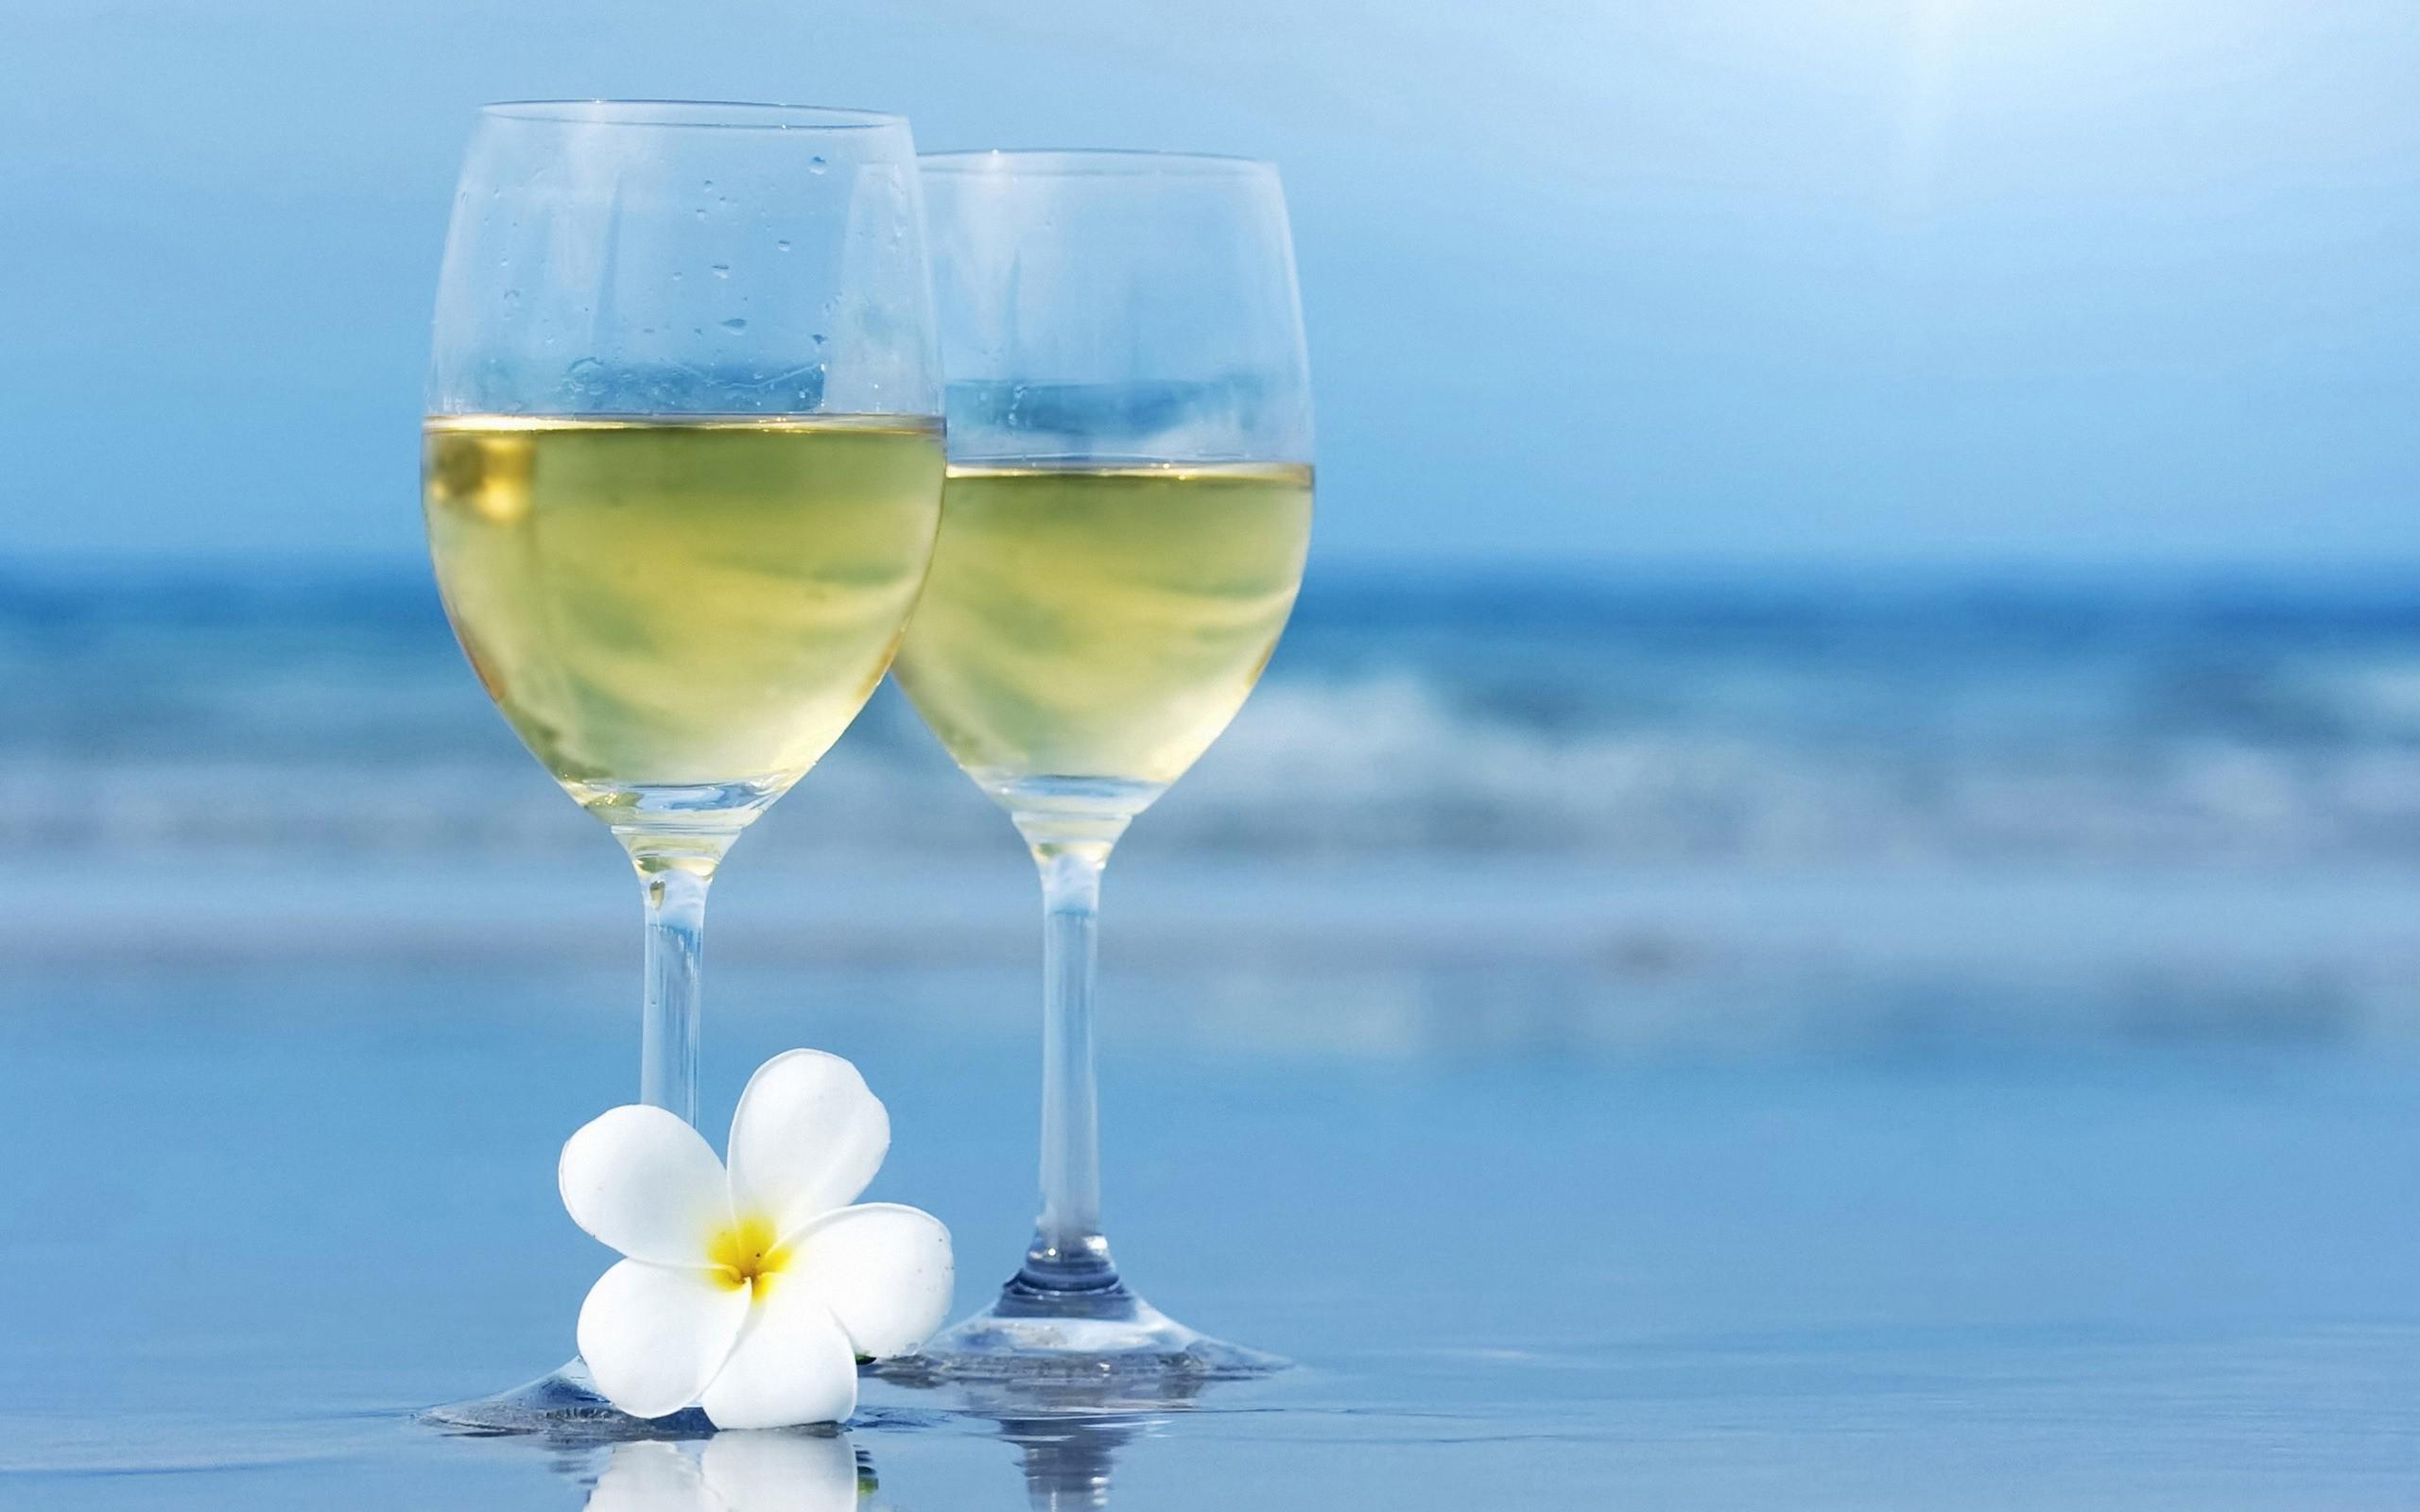 Dos copas de champagne - 2560x1600